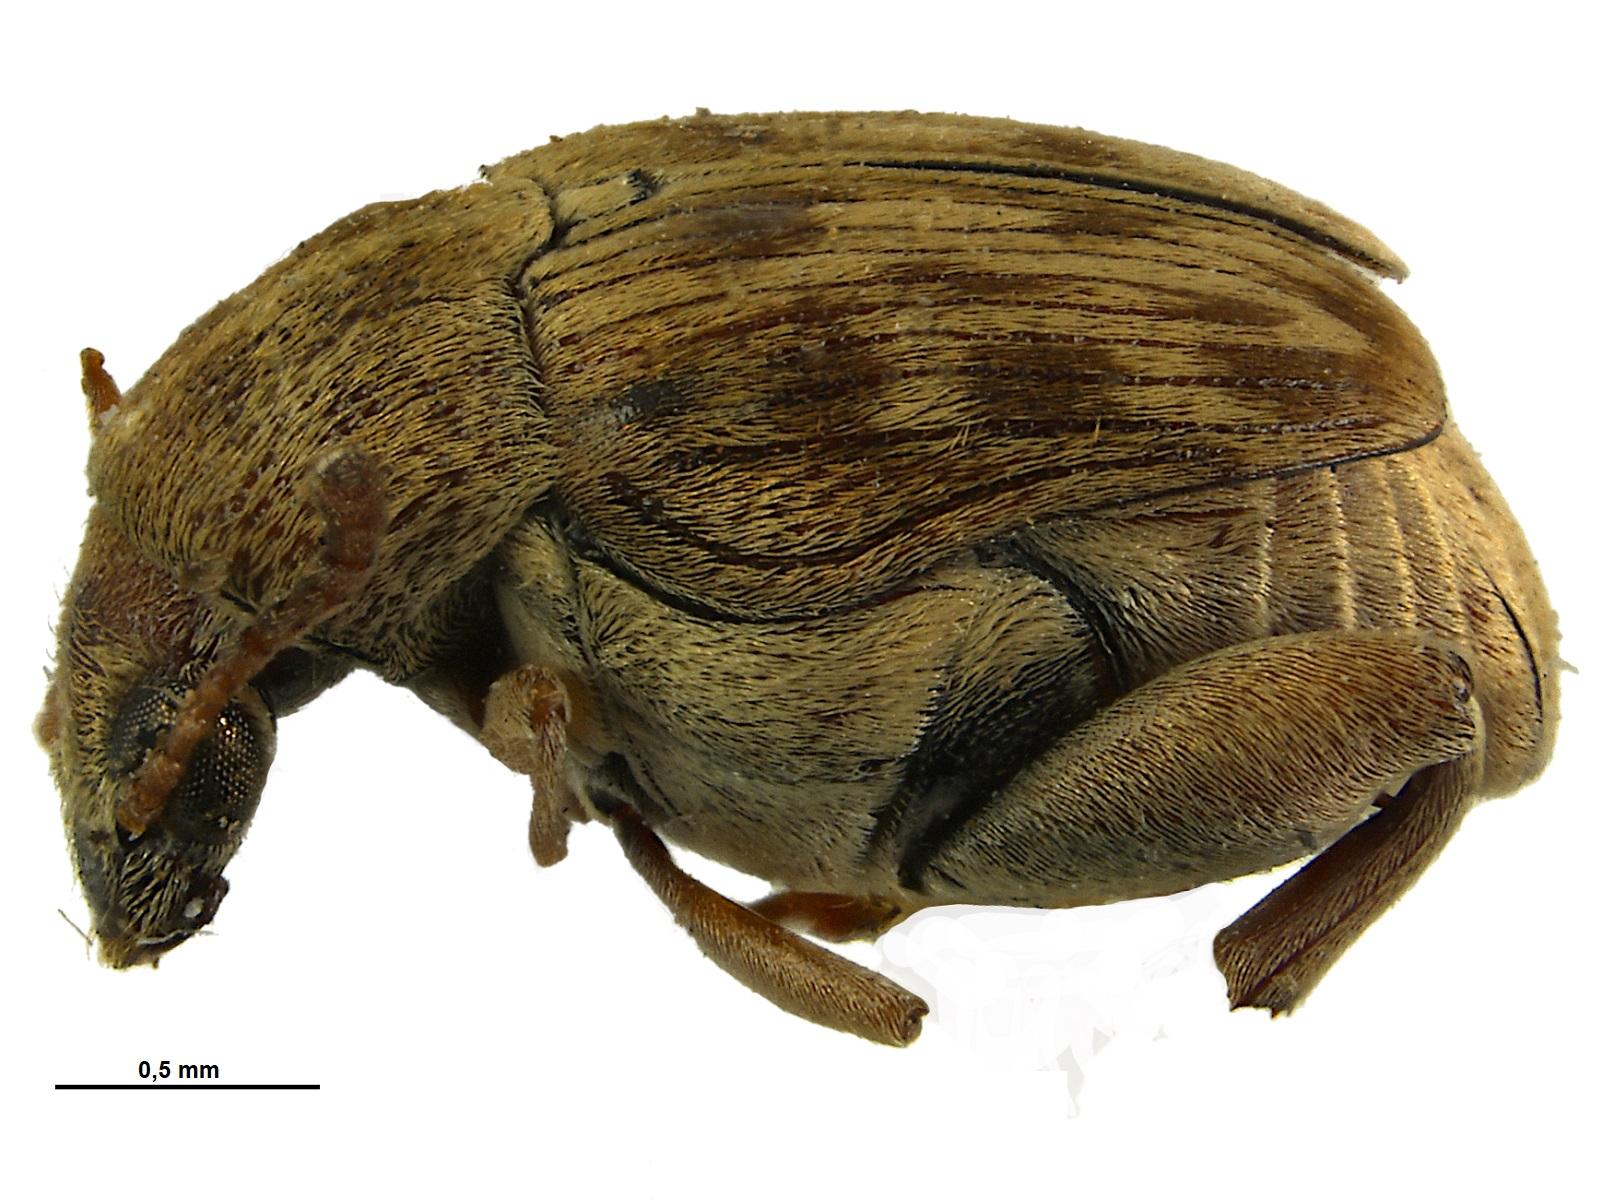 Acanthoscelides ingeborgae Johnson, 1990